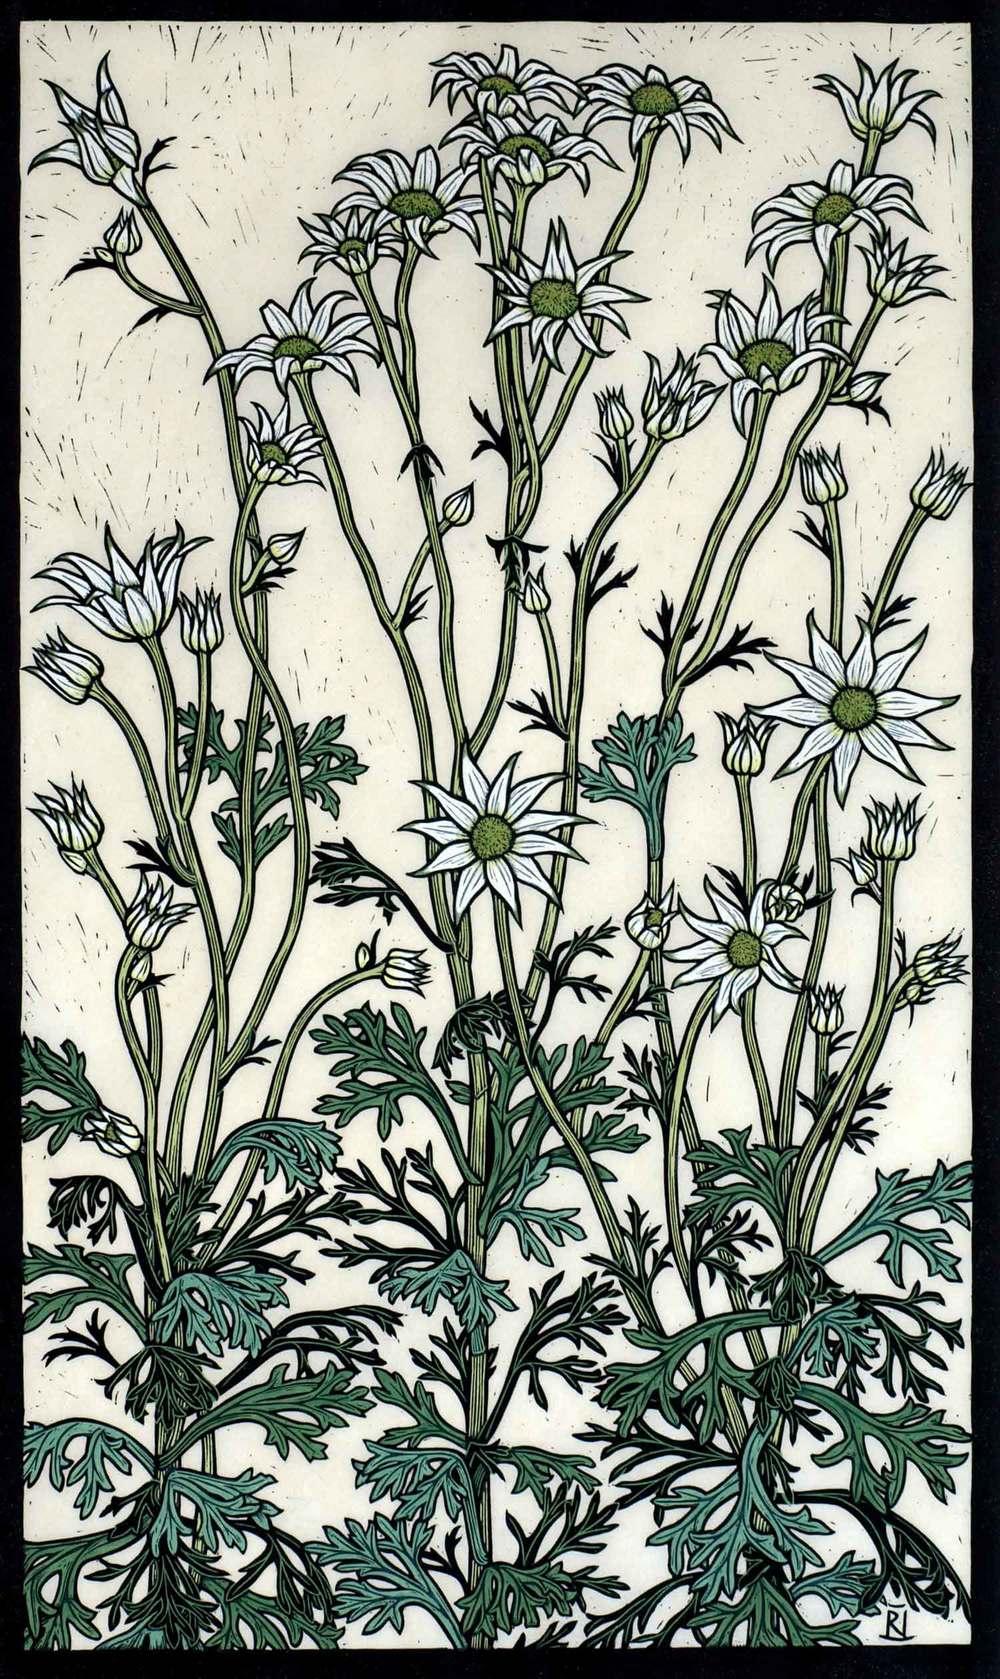 flannel-flower-linocut-rachel-newling.jpg